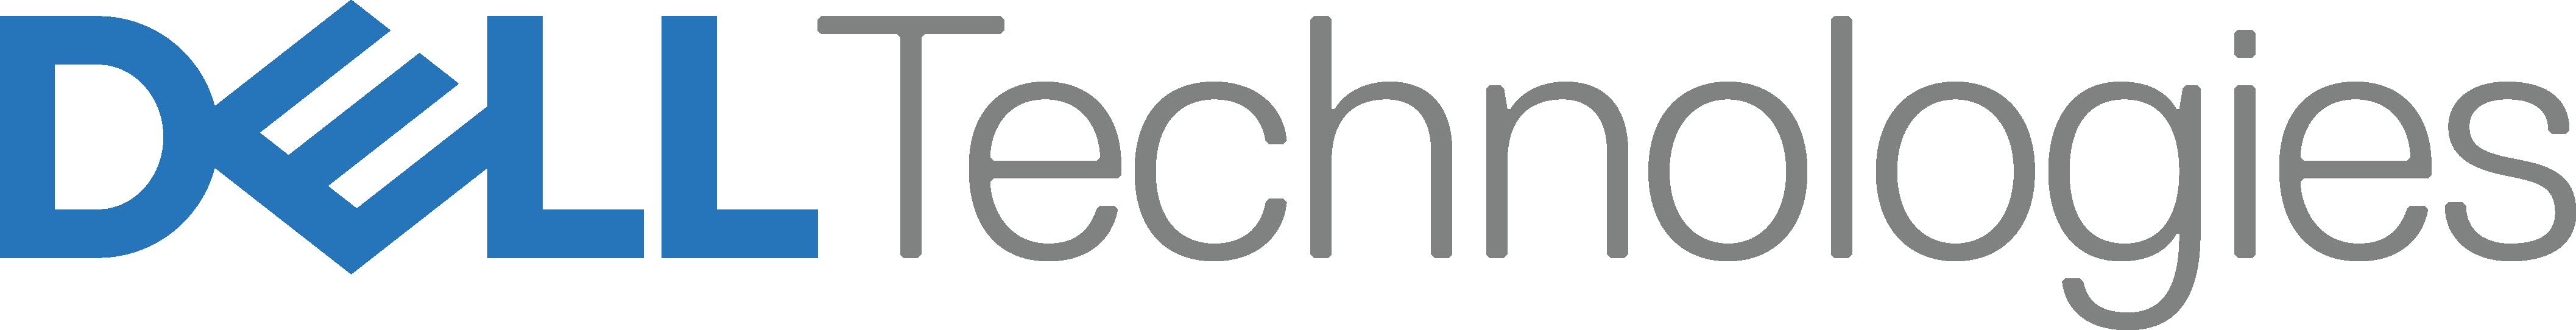 Delltech logo prm blue gry rgb